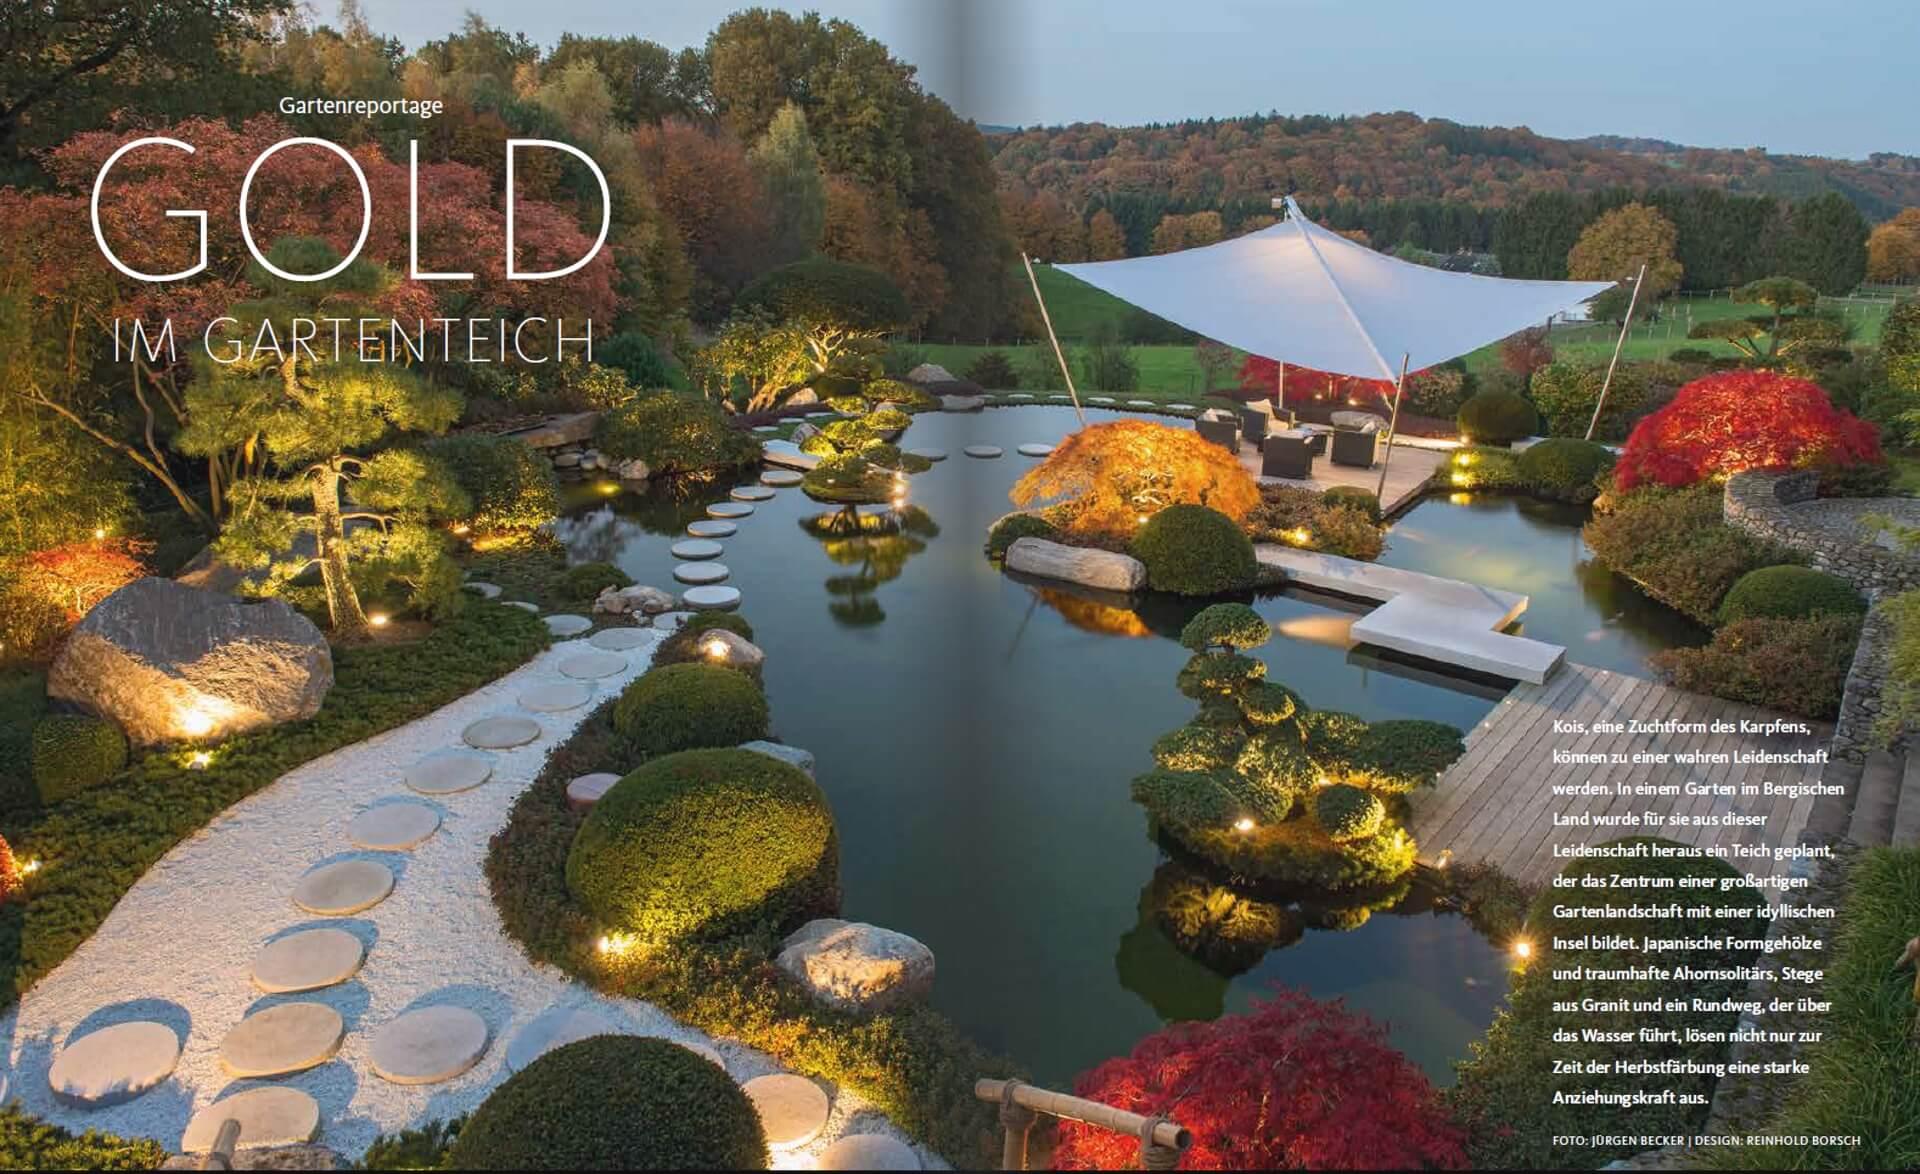 GARTENDESIGN INSPIRATION 1/2018: Gold im Gartenteich